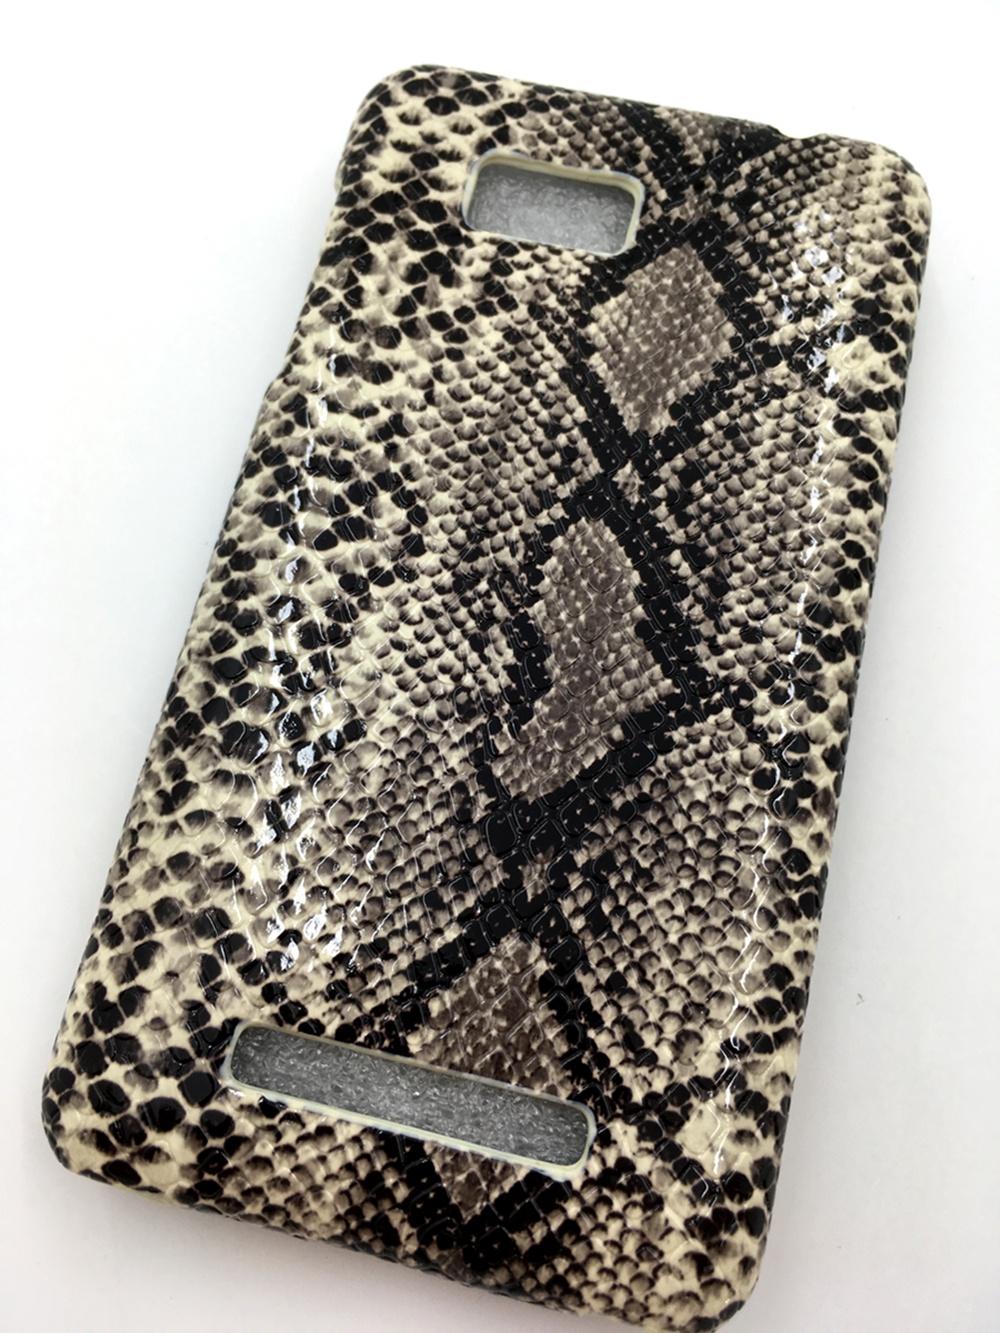 Чехол для сотового телефона Мобильная Мода HTC desire 400 dual sim Флип-Книжка вертикальная, защелка, крокодил